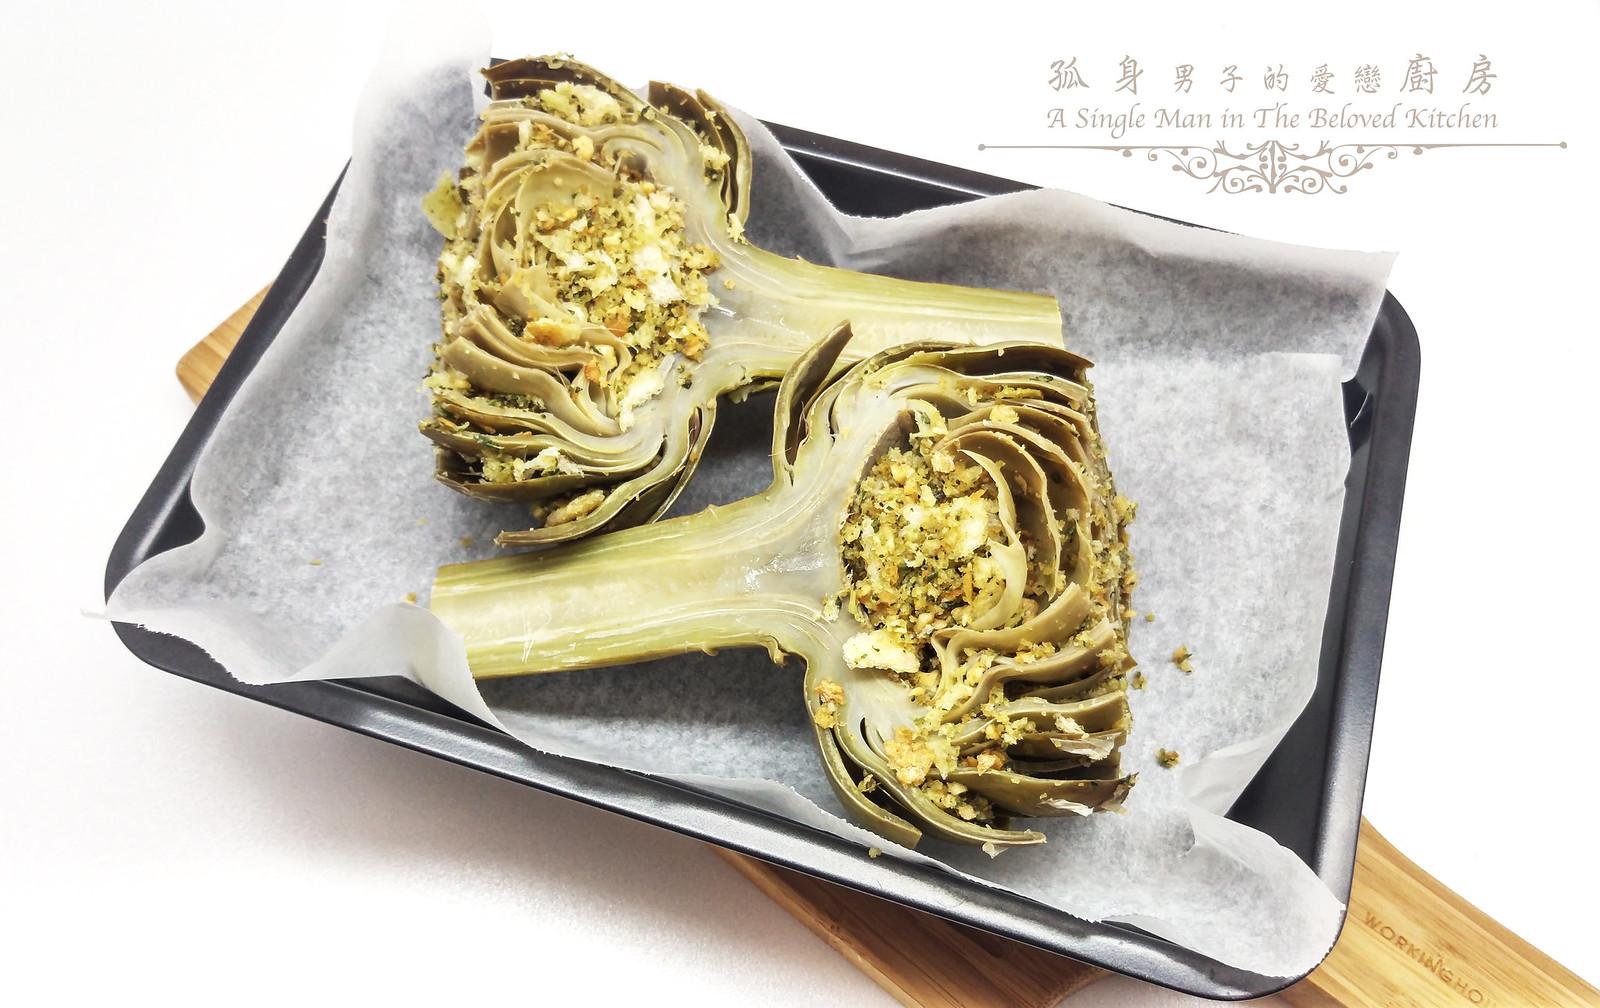 孤身廚房-青醬帕瑪森起司鑲烤朝鮮薊佐簡易油醋蘿蔓沙拉16